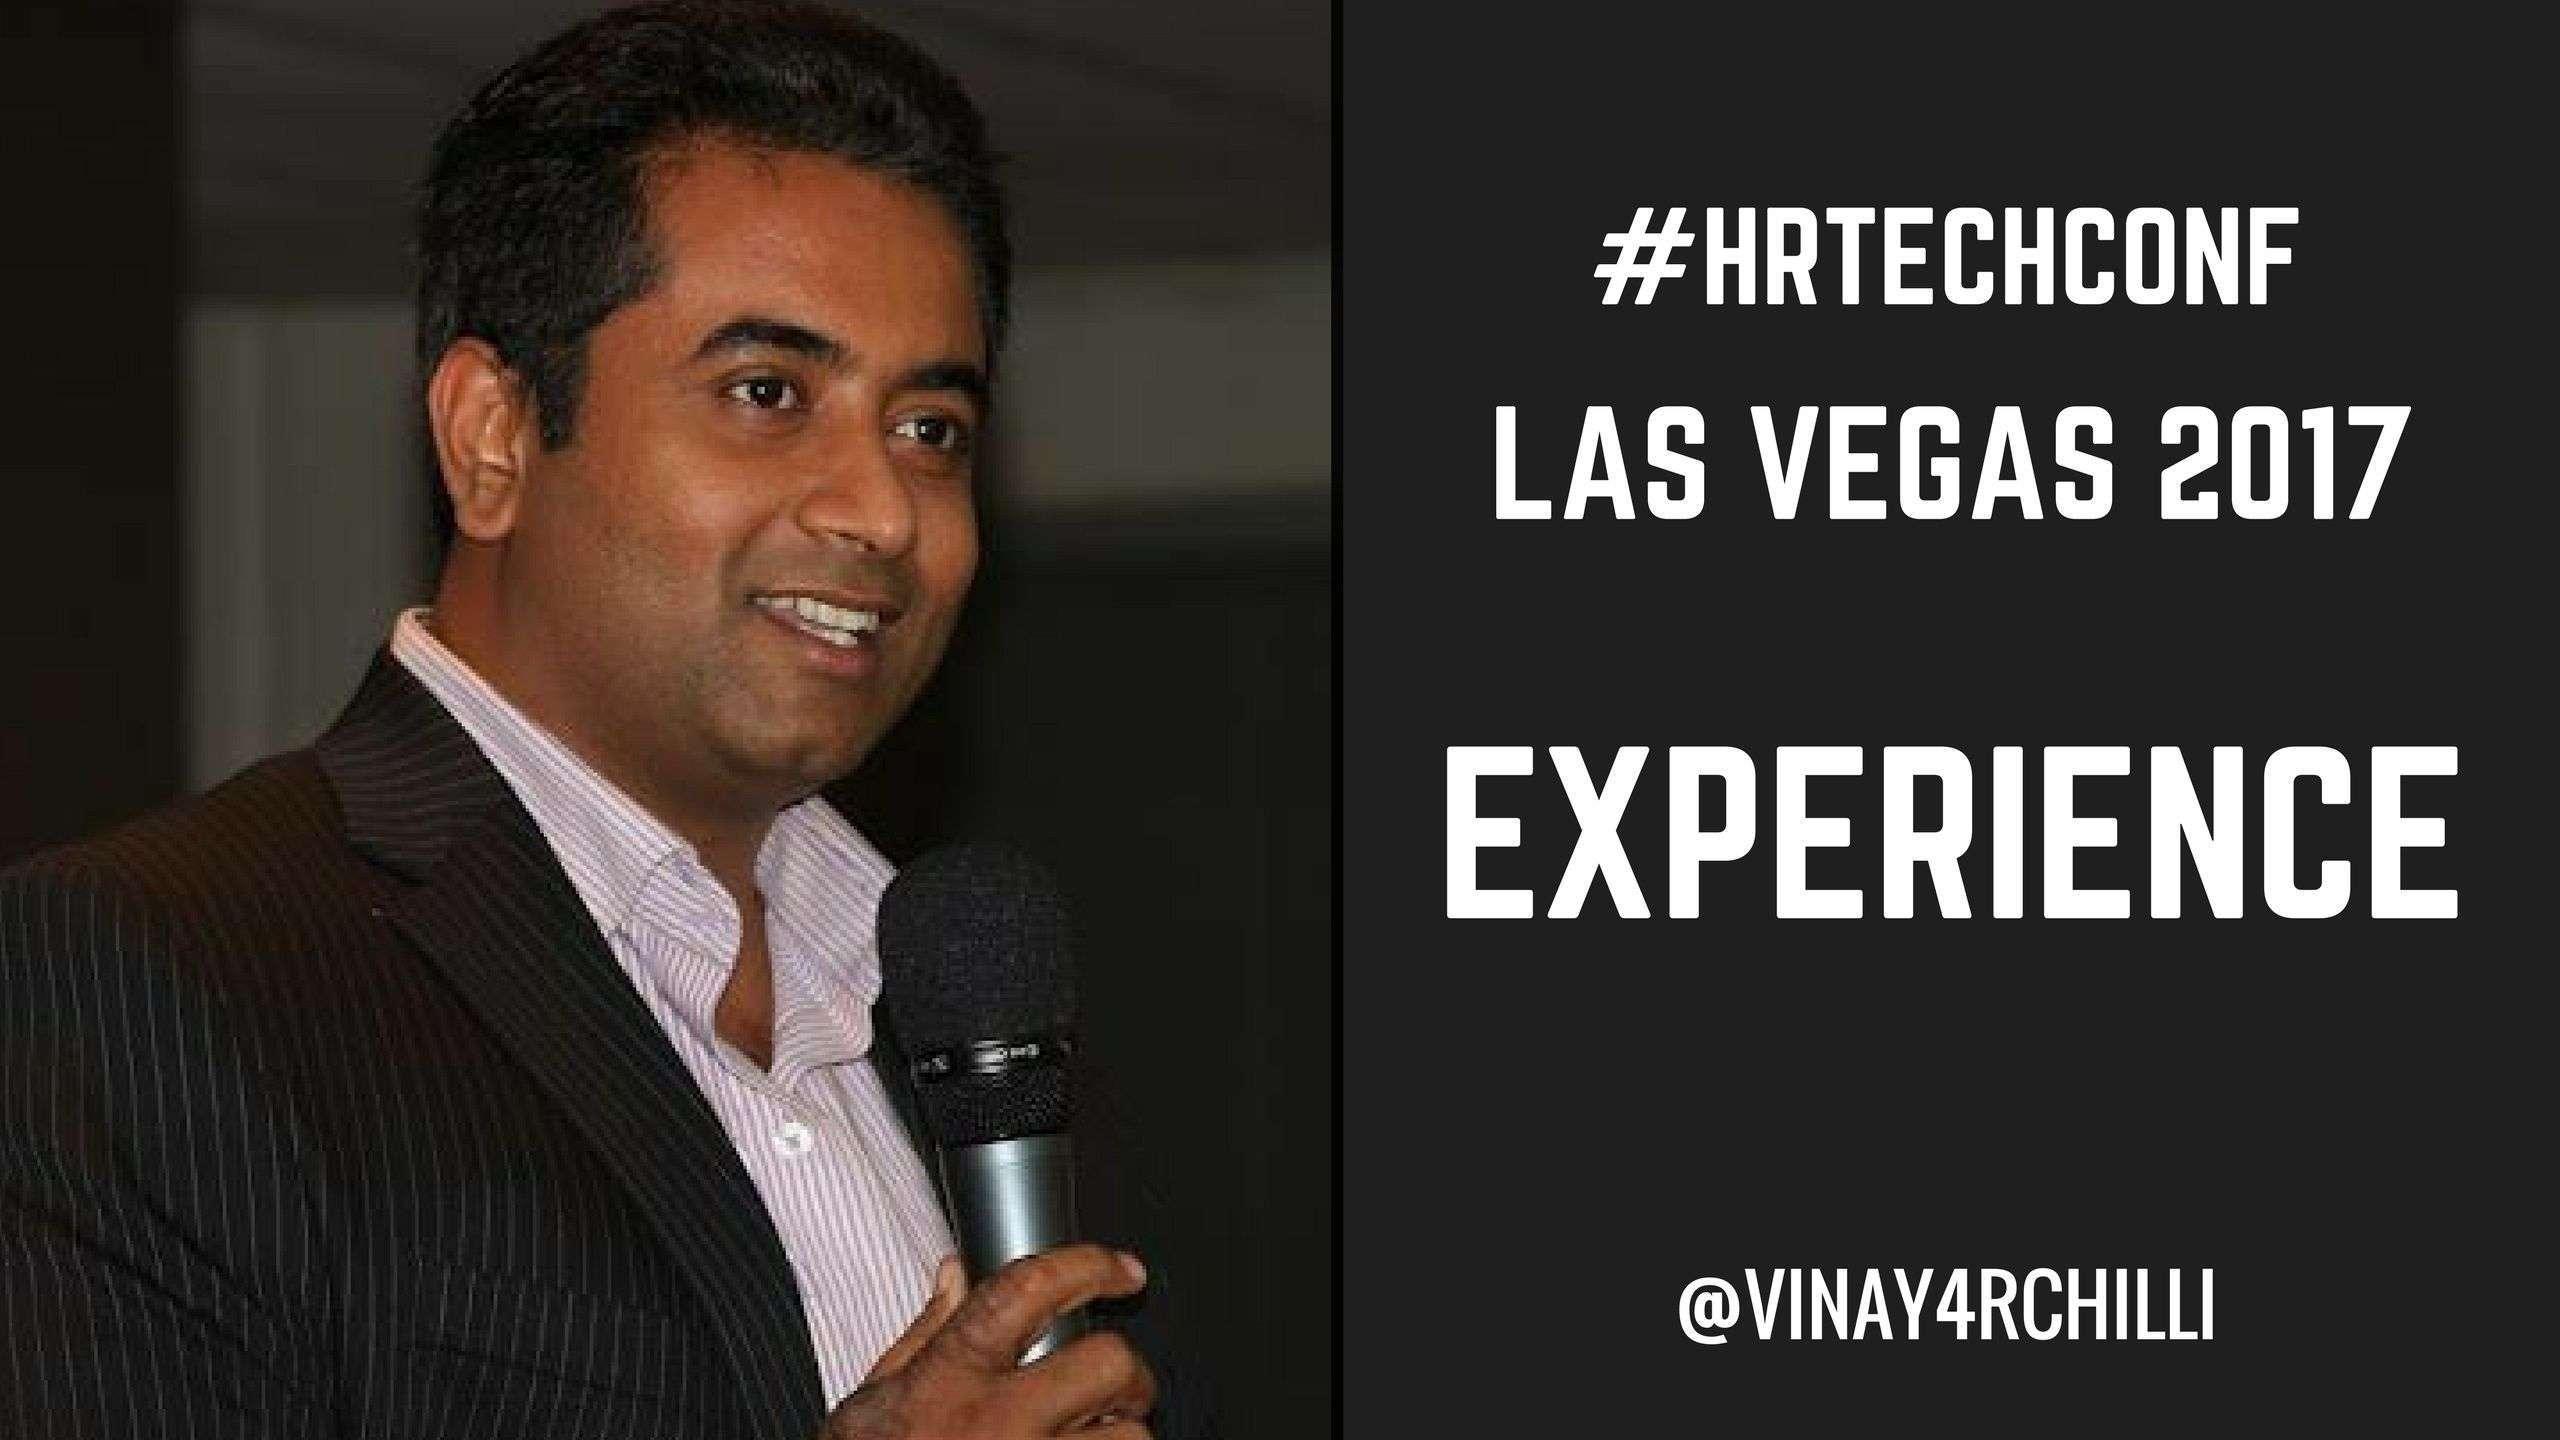 HRTechConf Experience